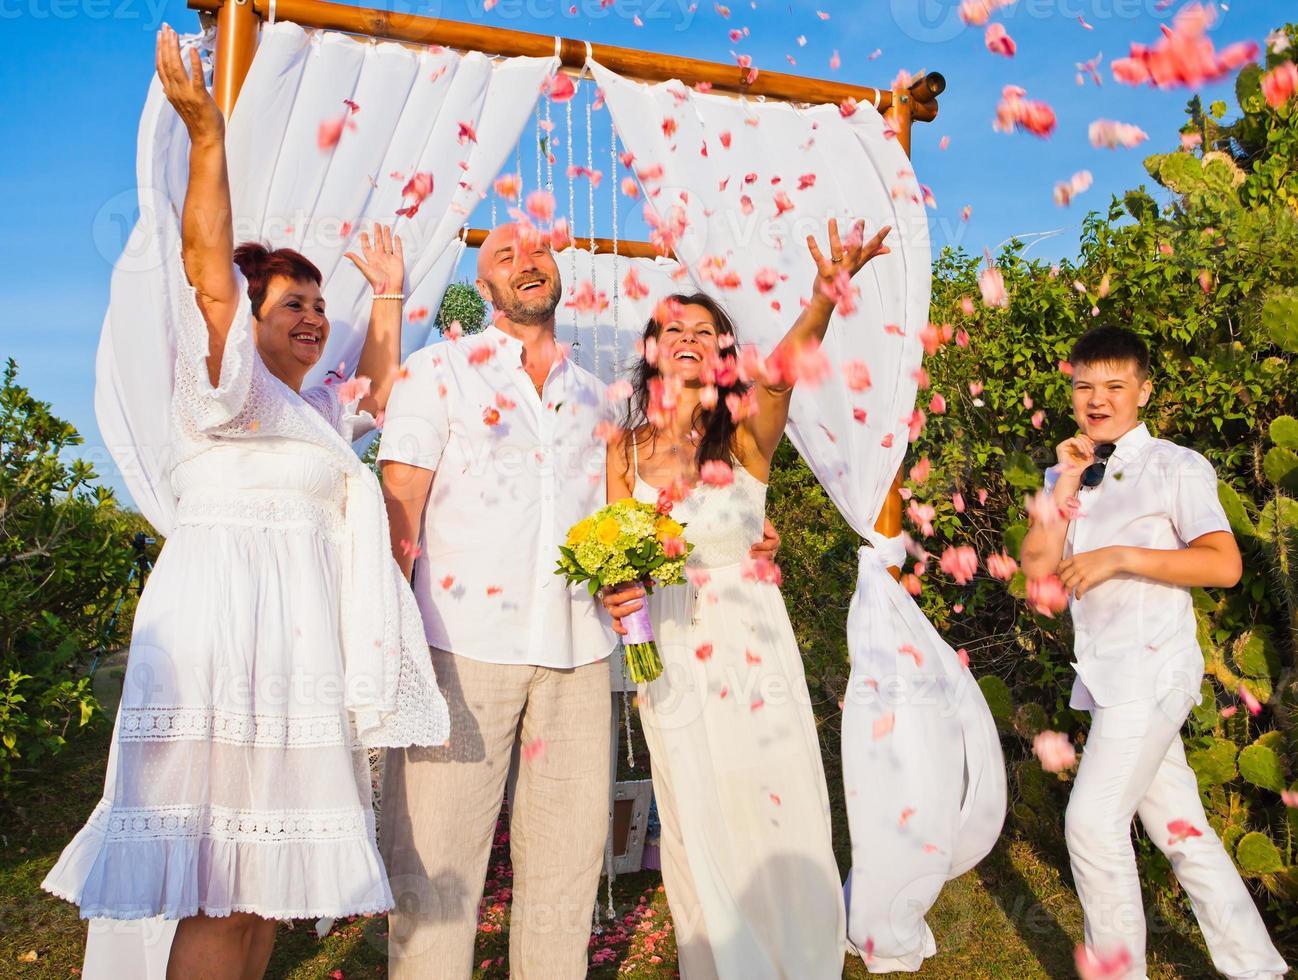 ceremonia de boda de pareja madura y su familia foto